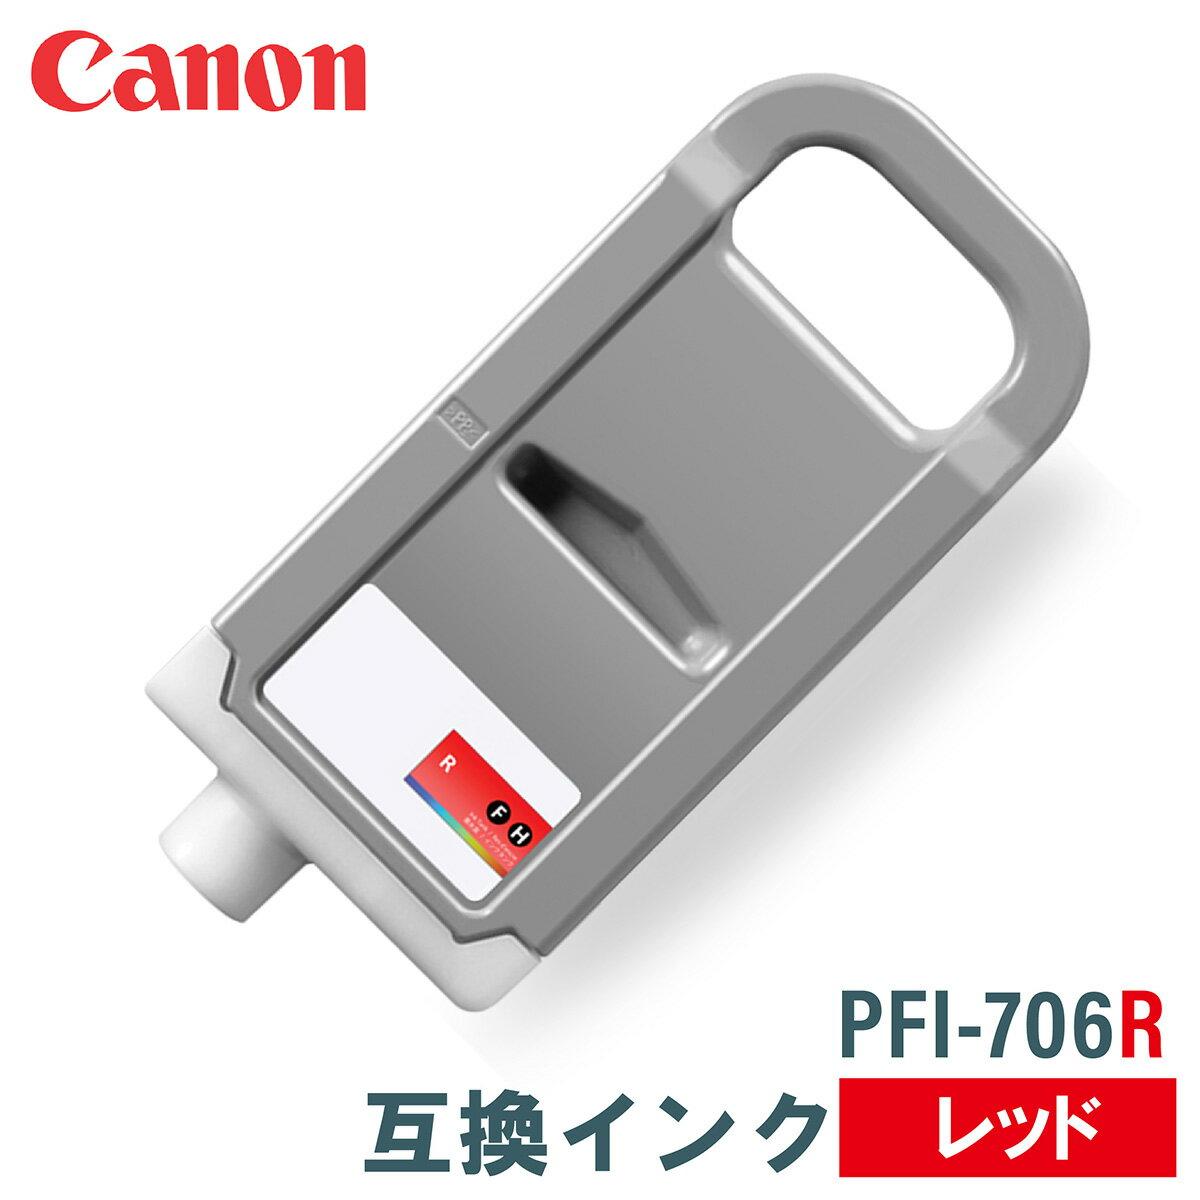 キャノン CANON PFI-706R レッド 700ml 互換インク インクタンク インクカーリッジ 顔料 大判プリンター パソコン周辺機器 低価格 送料無料